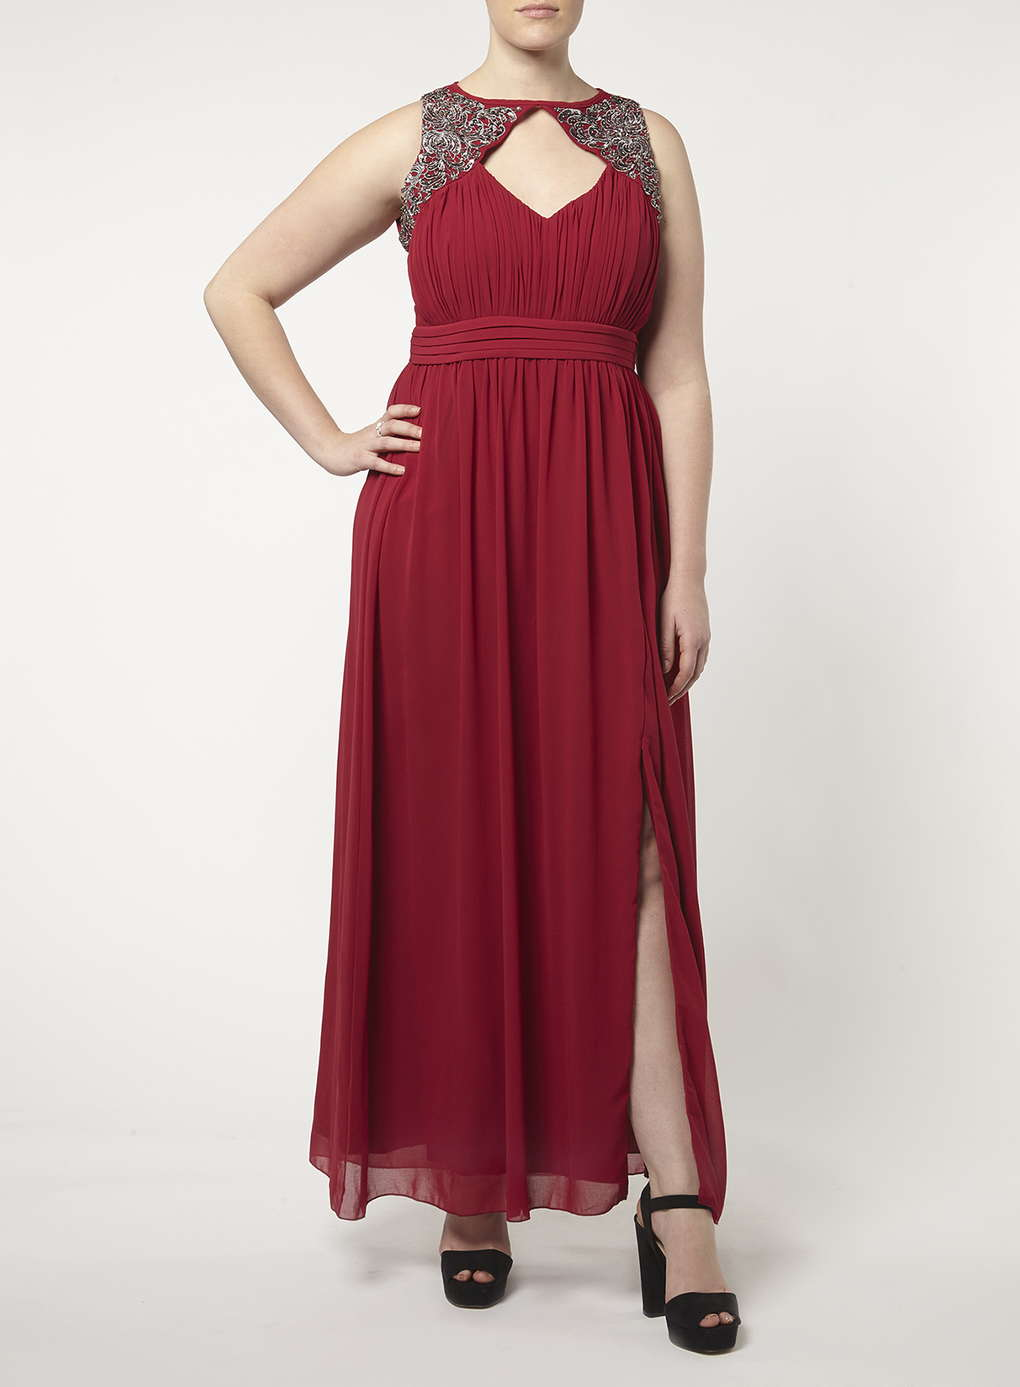 Büyük Beden Uzun Abiye Elbise Modelleri - Gece Elbiseleri - plus size dresses (25)